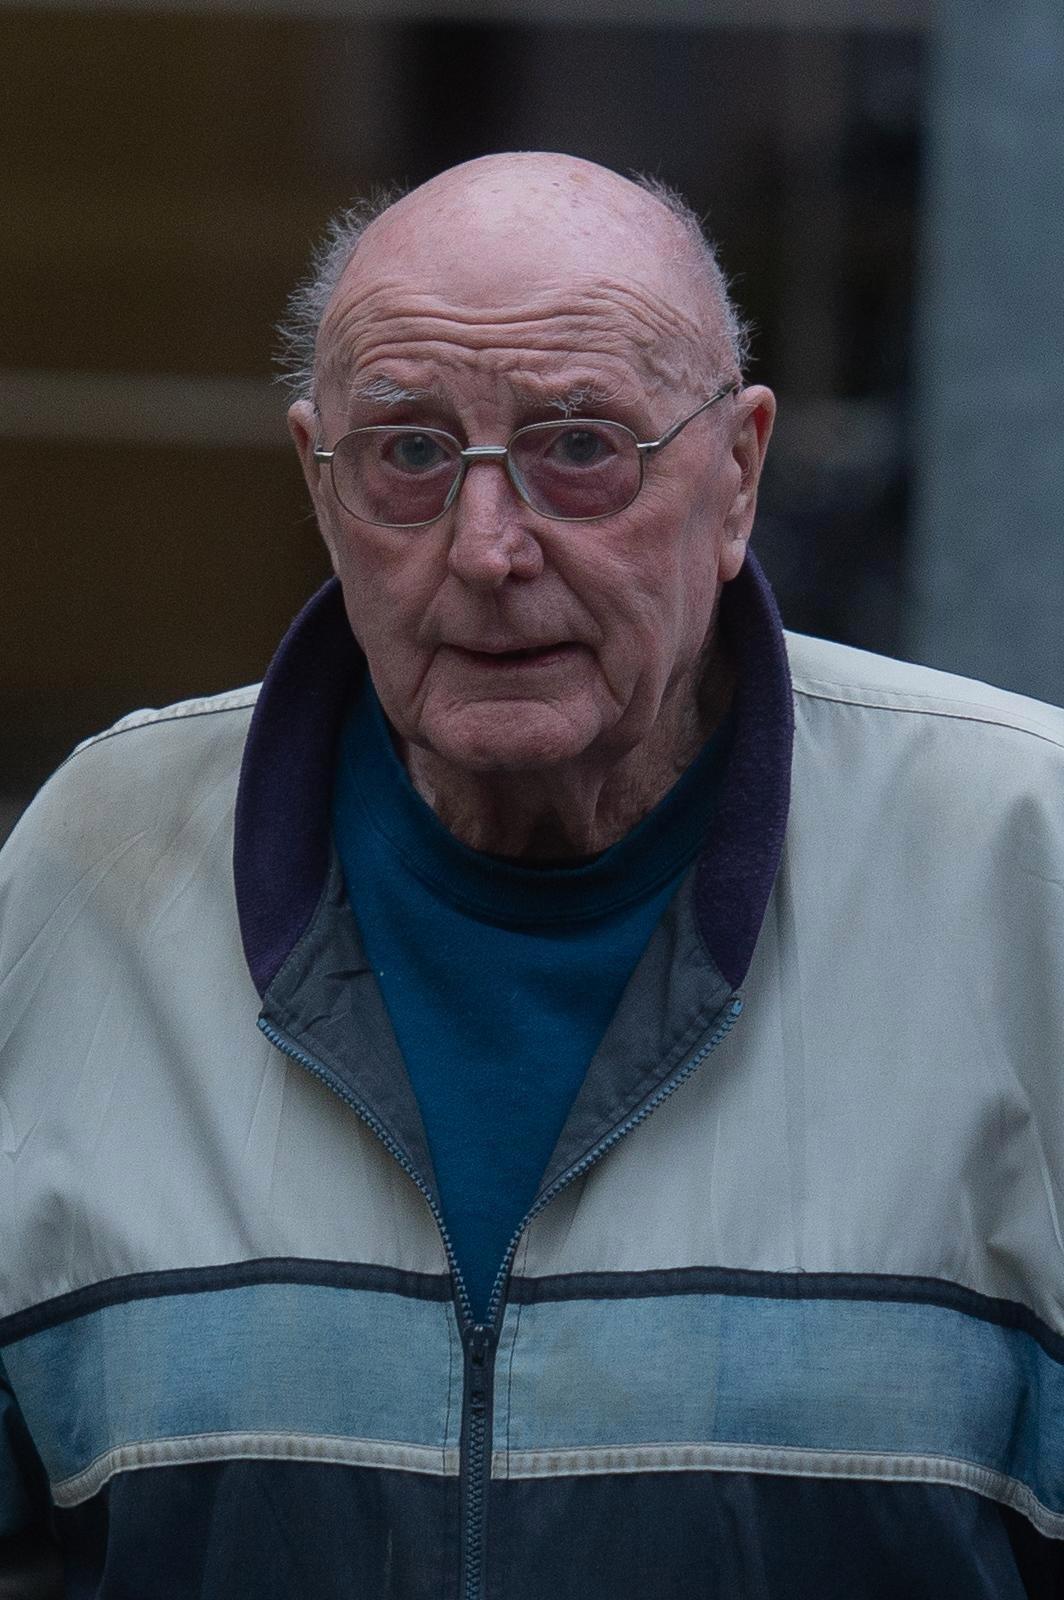 Le mari Lawrence Franks, âgé de 84 ans, a été épargné en prison après avoir tué sa femme alors qu'il ne pouvait